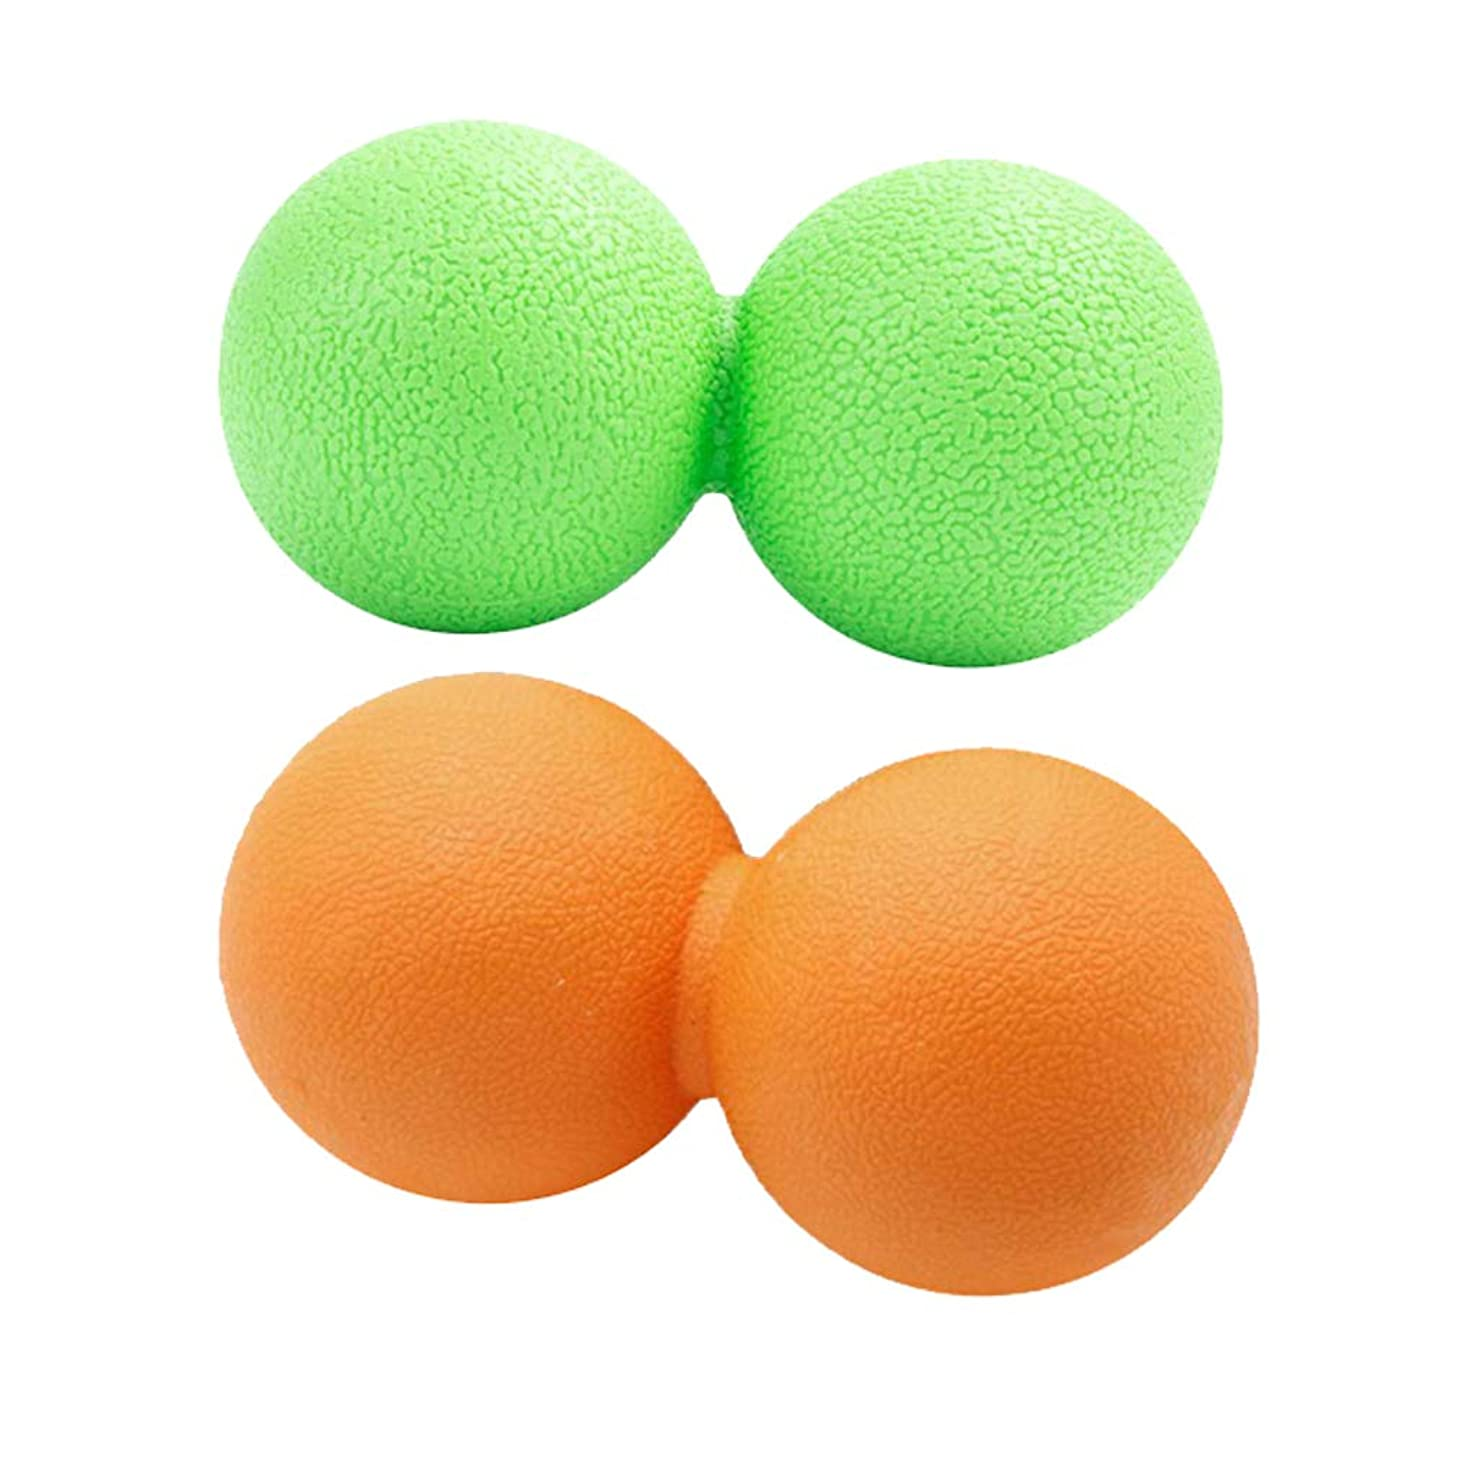 ガイダンス統合補うF Fityle マッサージボール ピーナッツ型 筋膜リリース トリガーポイント 緊張緩和 健康グッズ 2個入